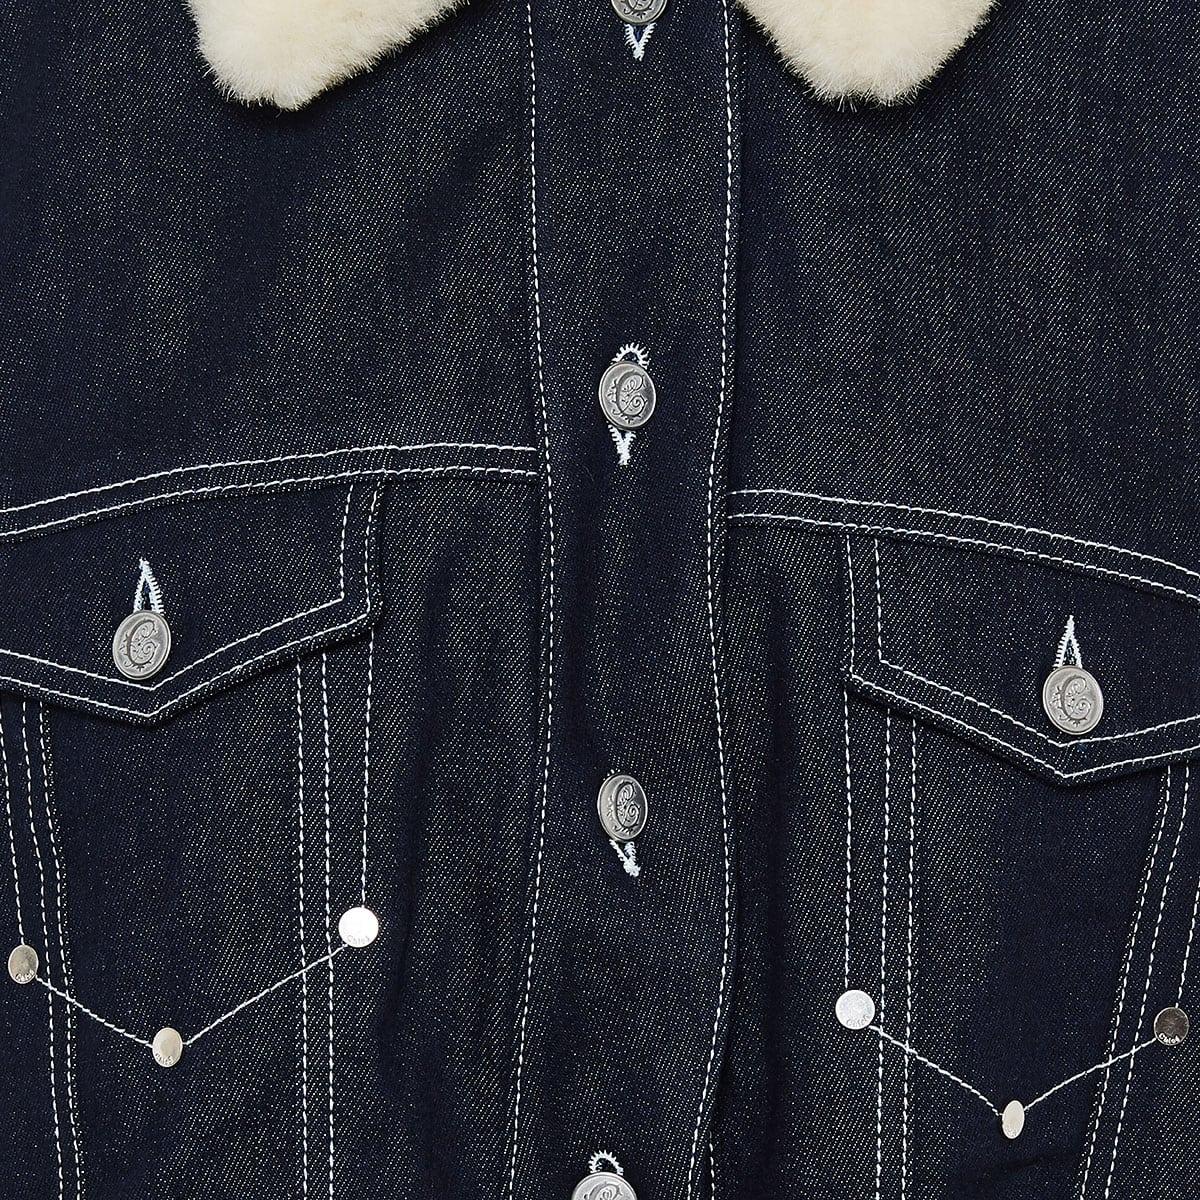 Fur-trimmed denim gilet jacket